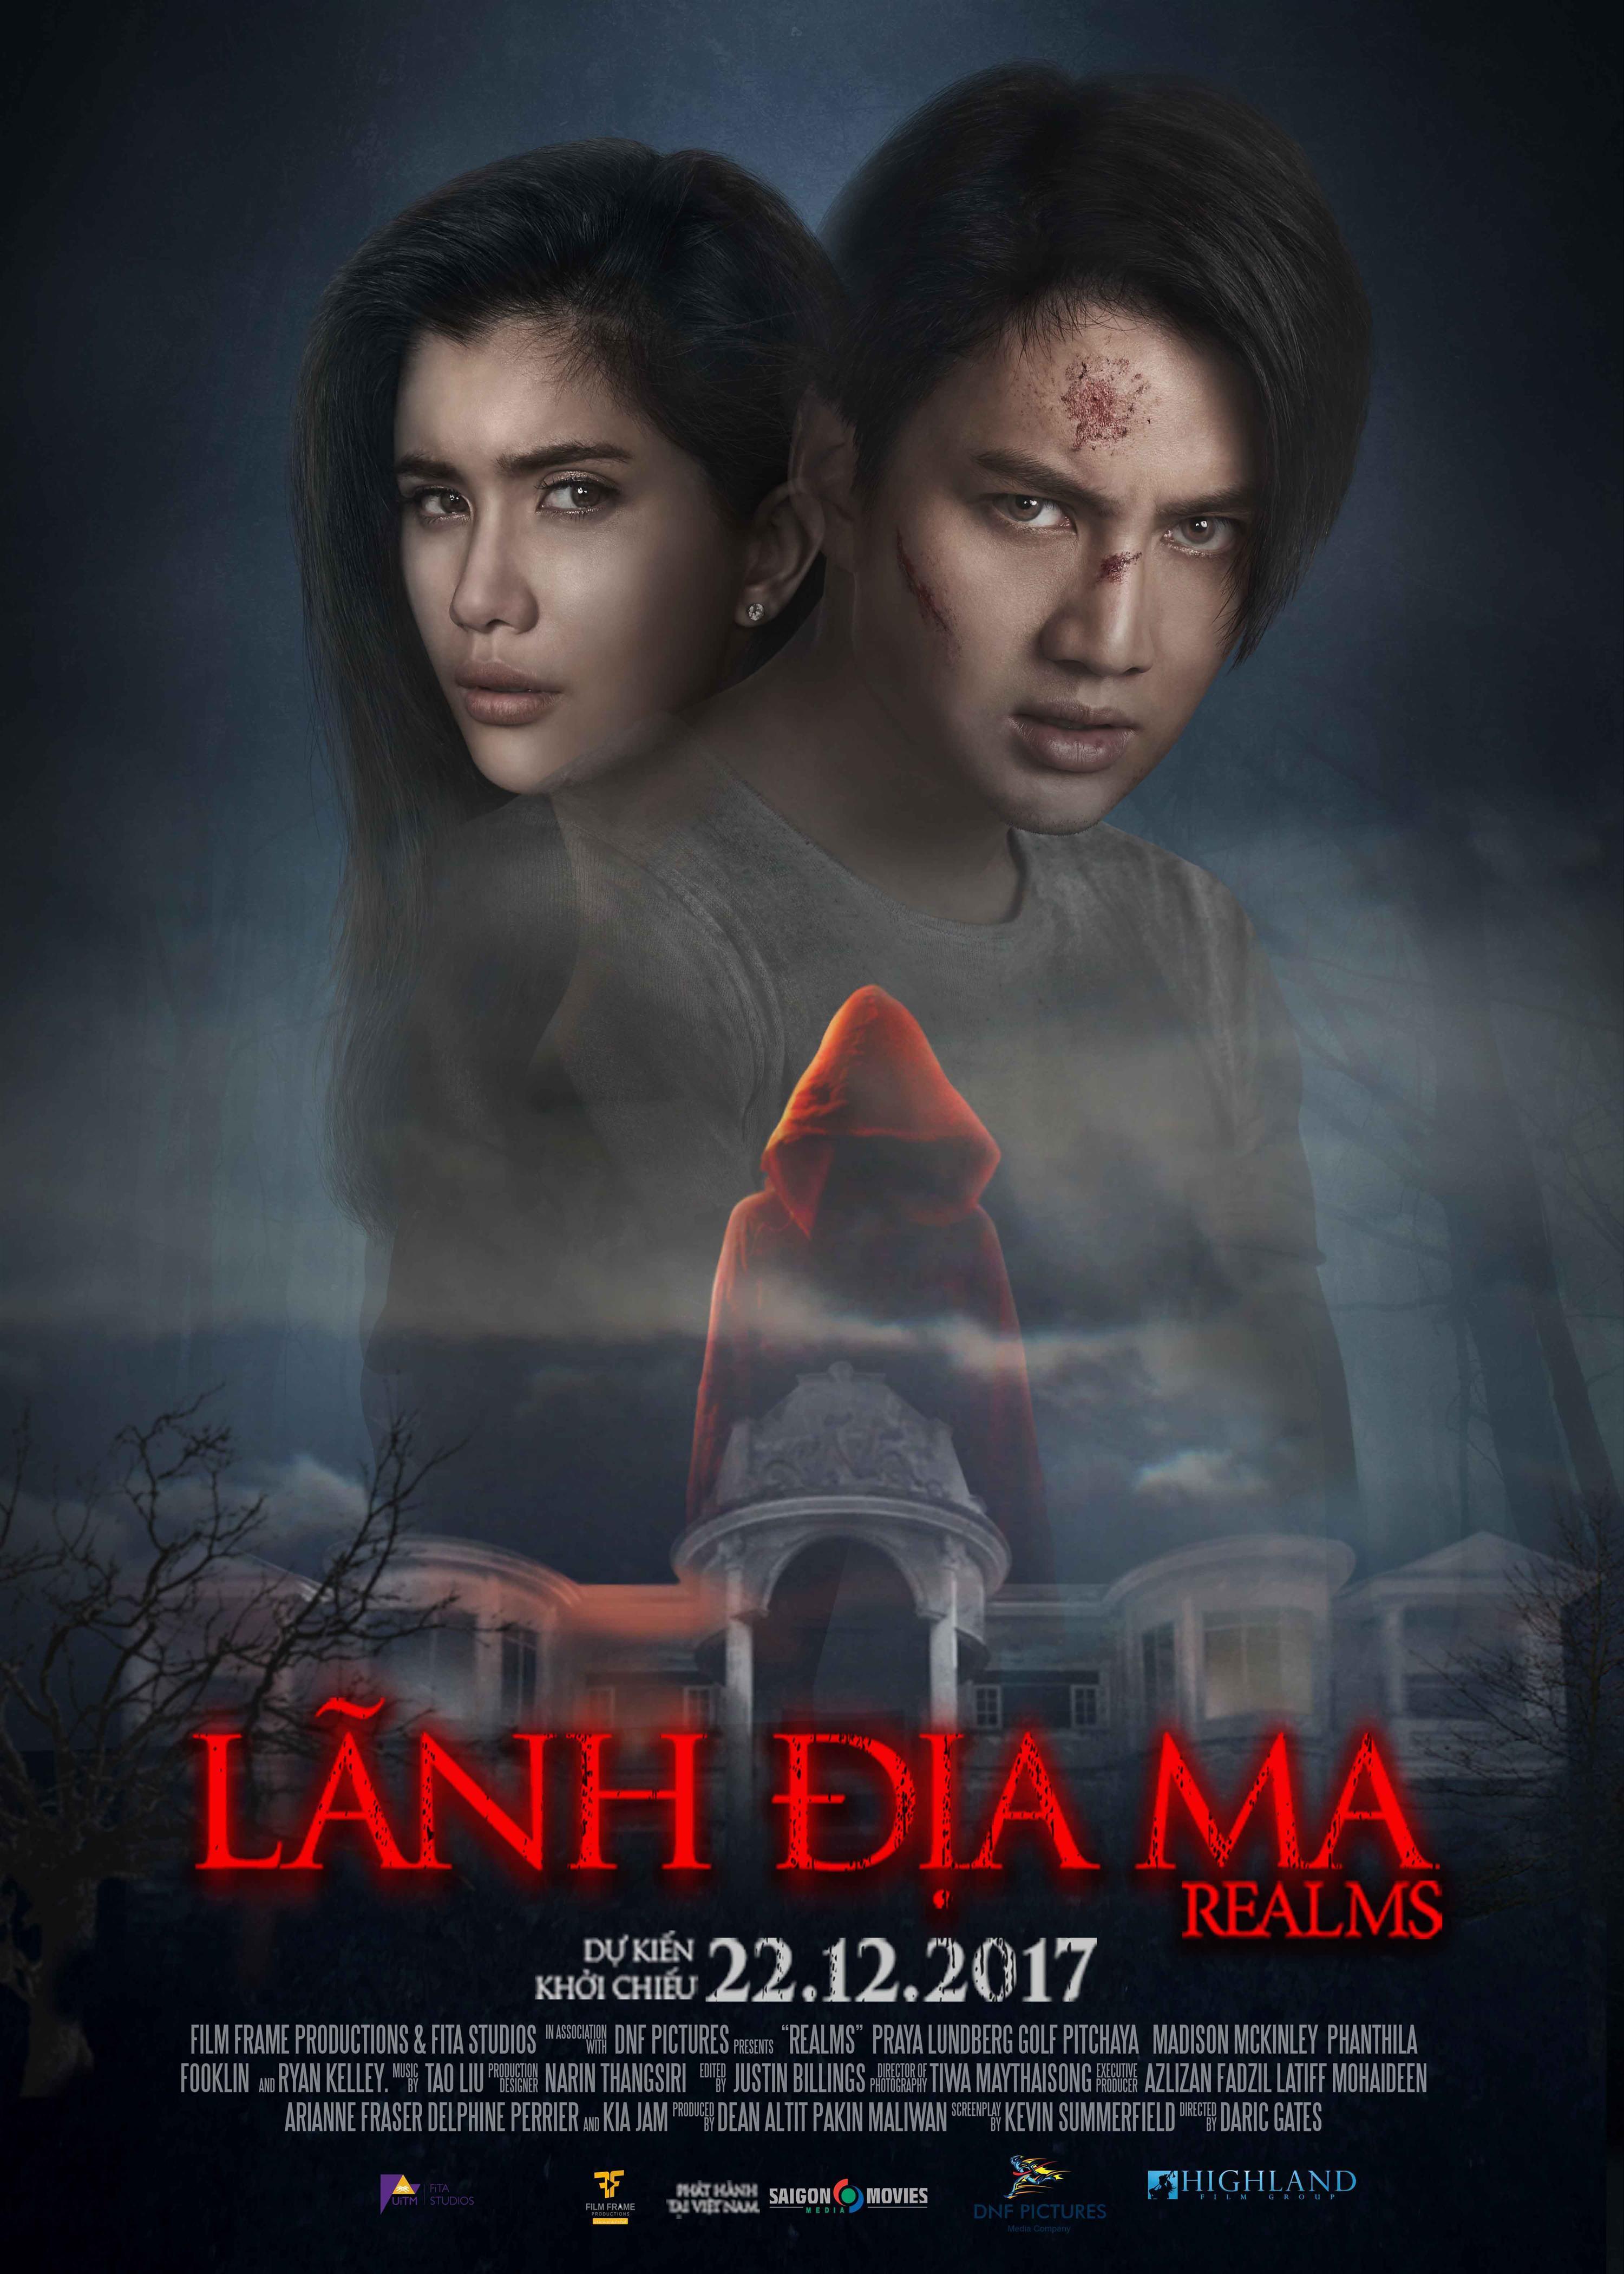 Sao phim Tình yêu không có lỗi, lỗi ở bạn thân tái ngộ khán giả Việt với siêu phẩm kinh dị-7